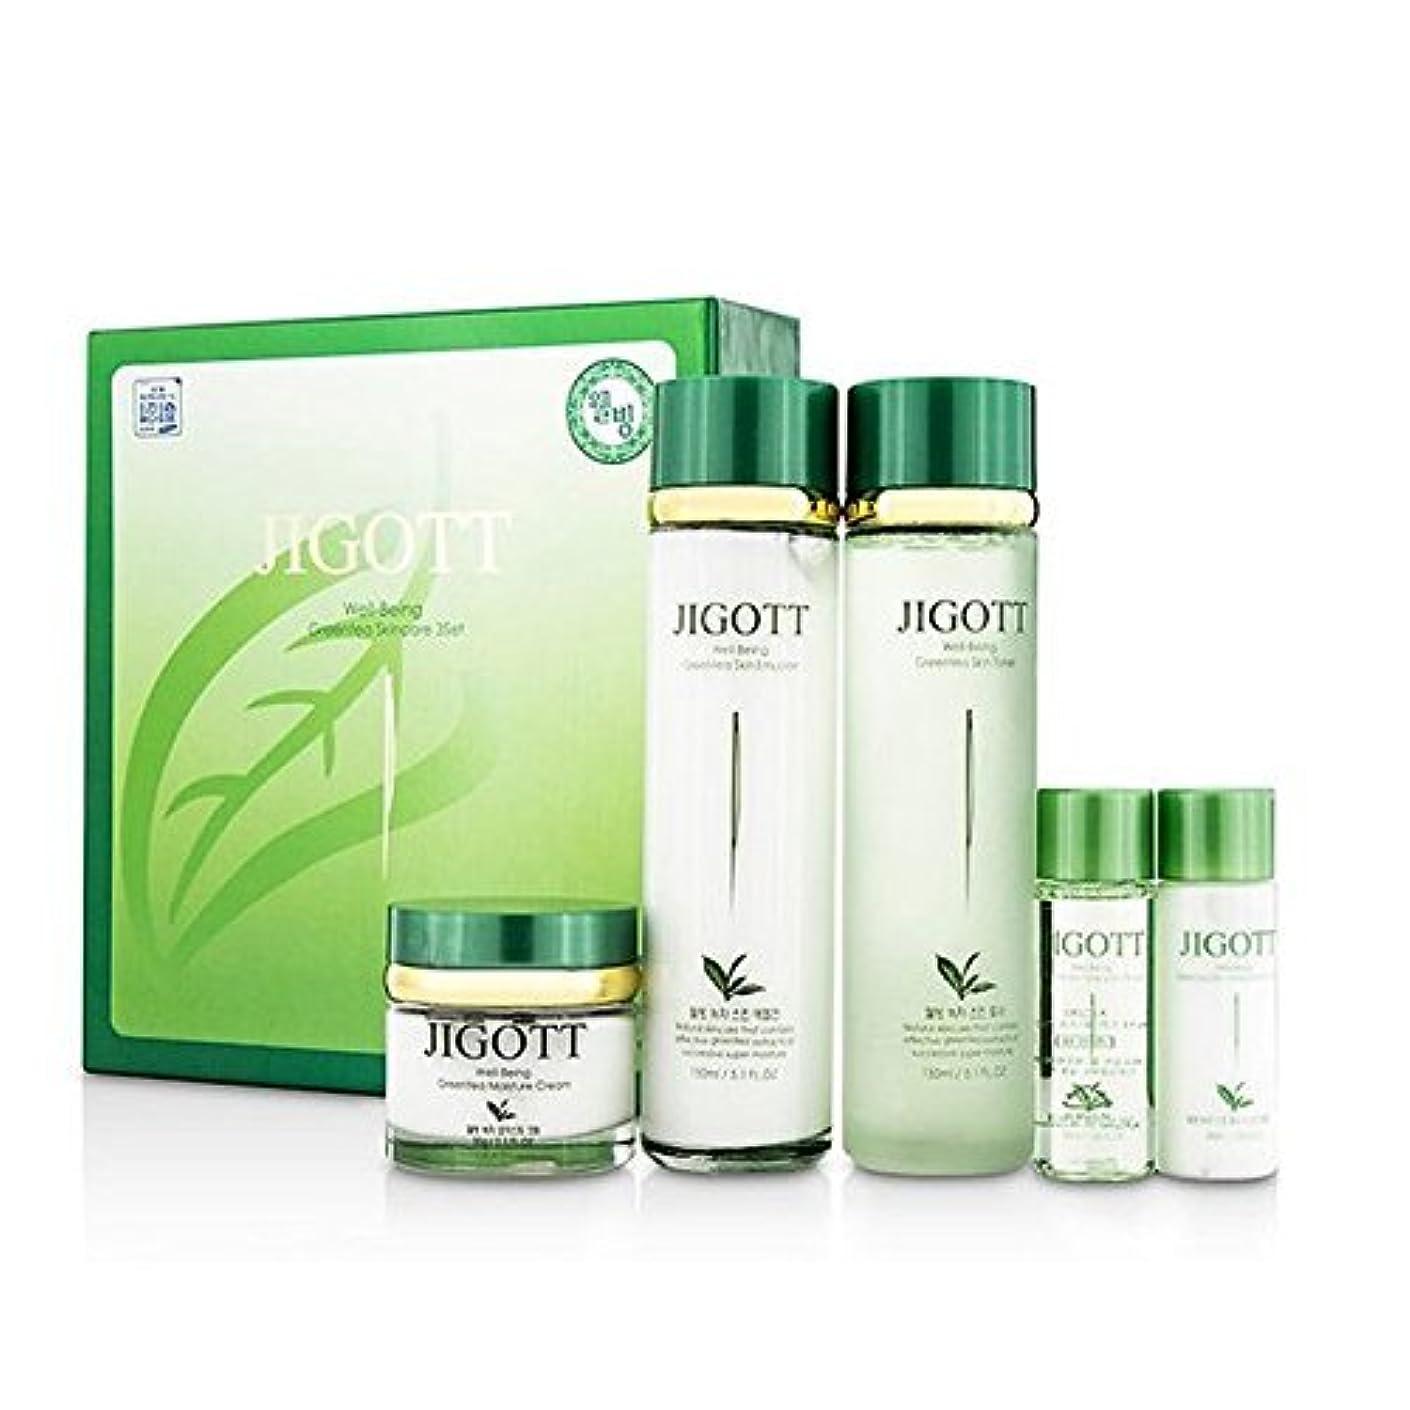 ジゴトゥ[韓国コスメJigott]Well Being Greentea Skin care ウェルネス緑茶スキンケア3セット,樹液,乳液,クリーム [並行輸入品]